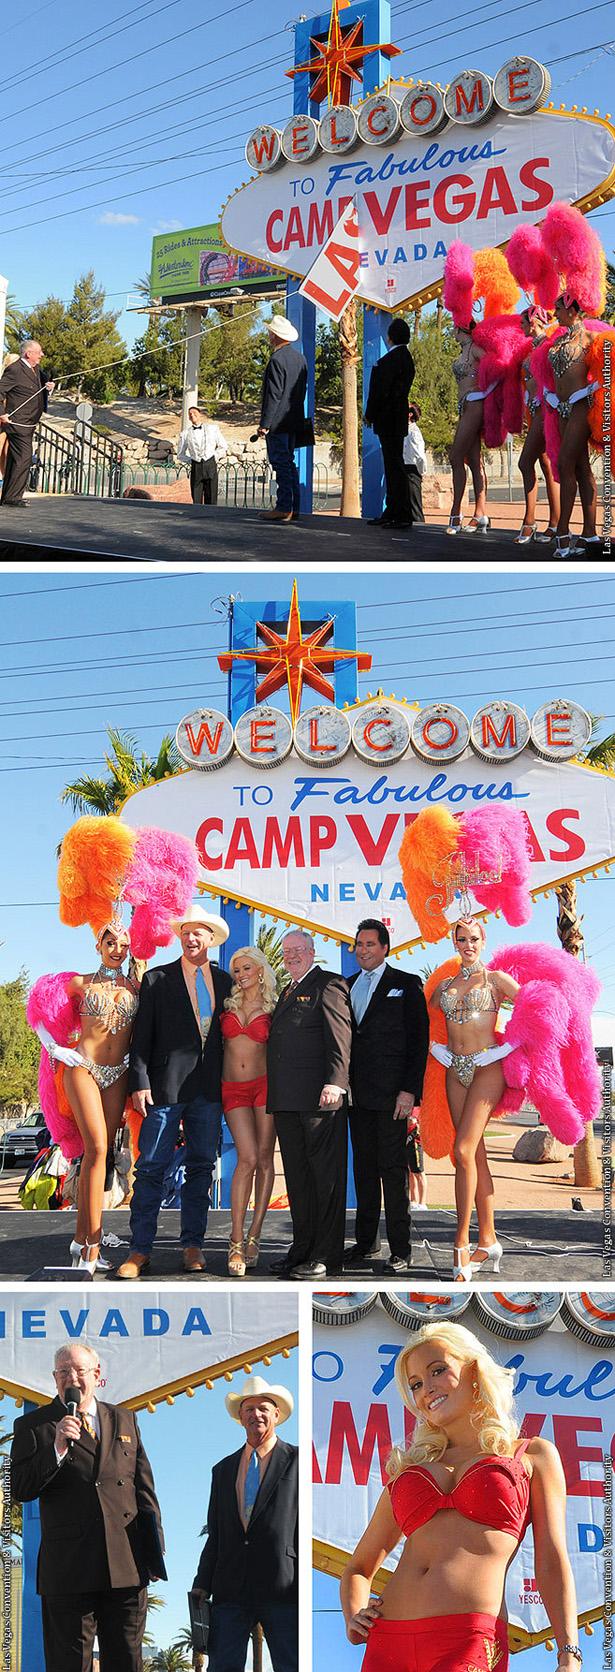 VegasNomb